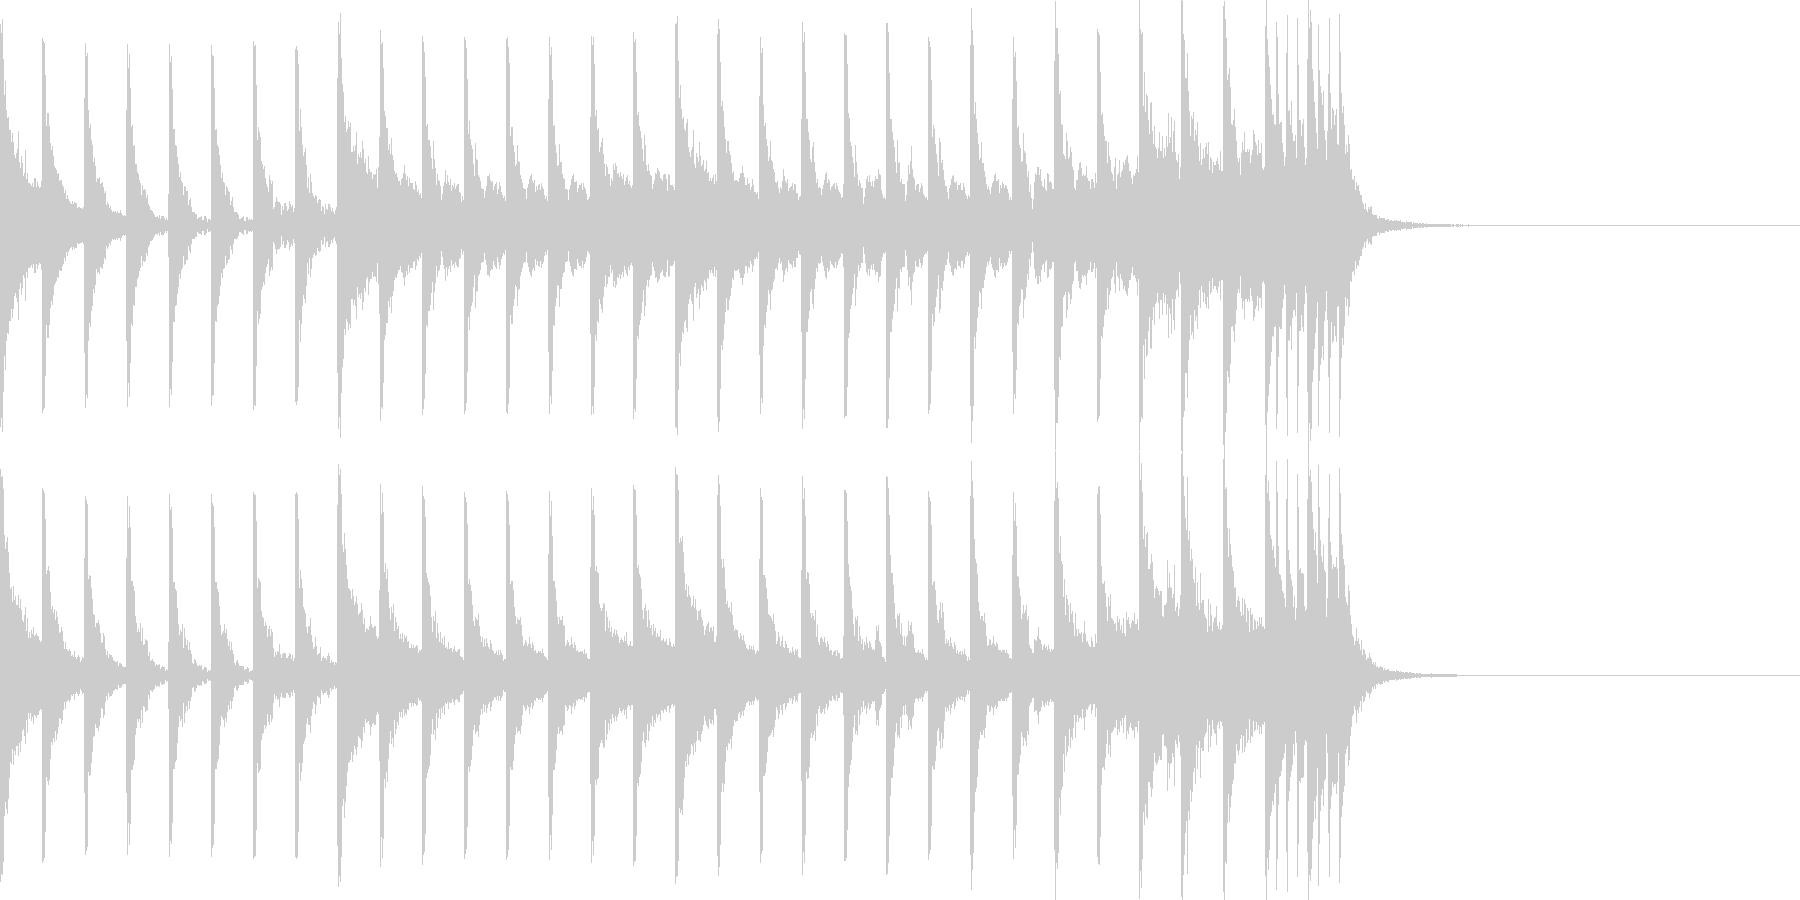 オープニング用)クイズ番組ドキュメンタリの未再生の波形